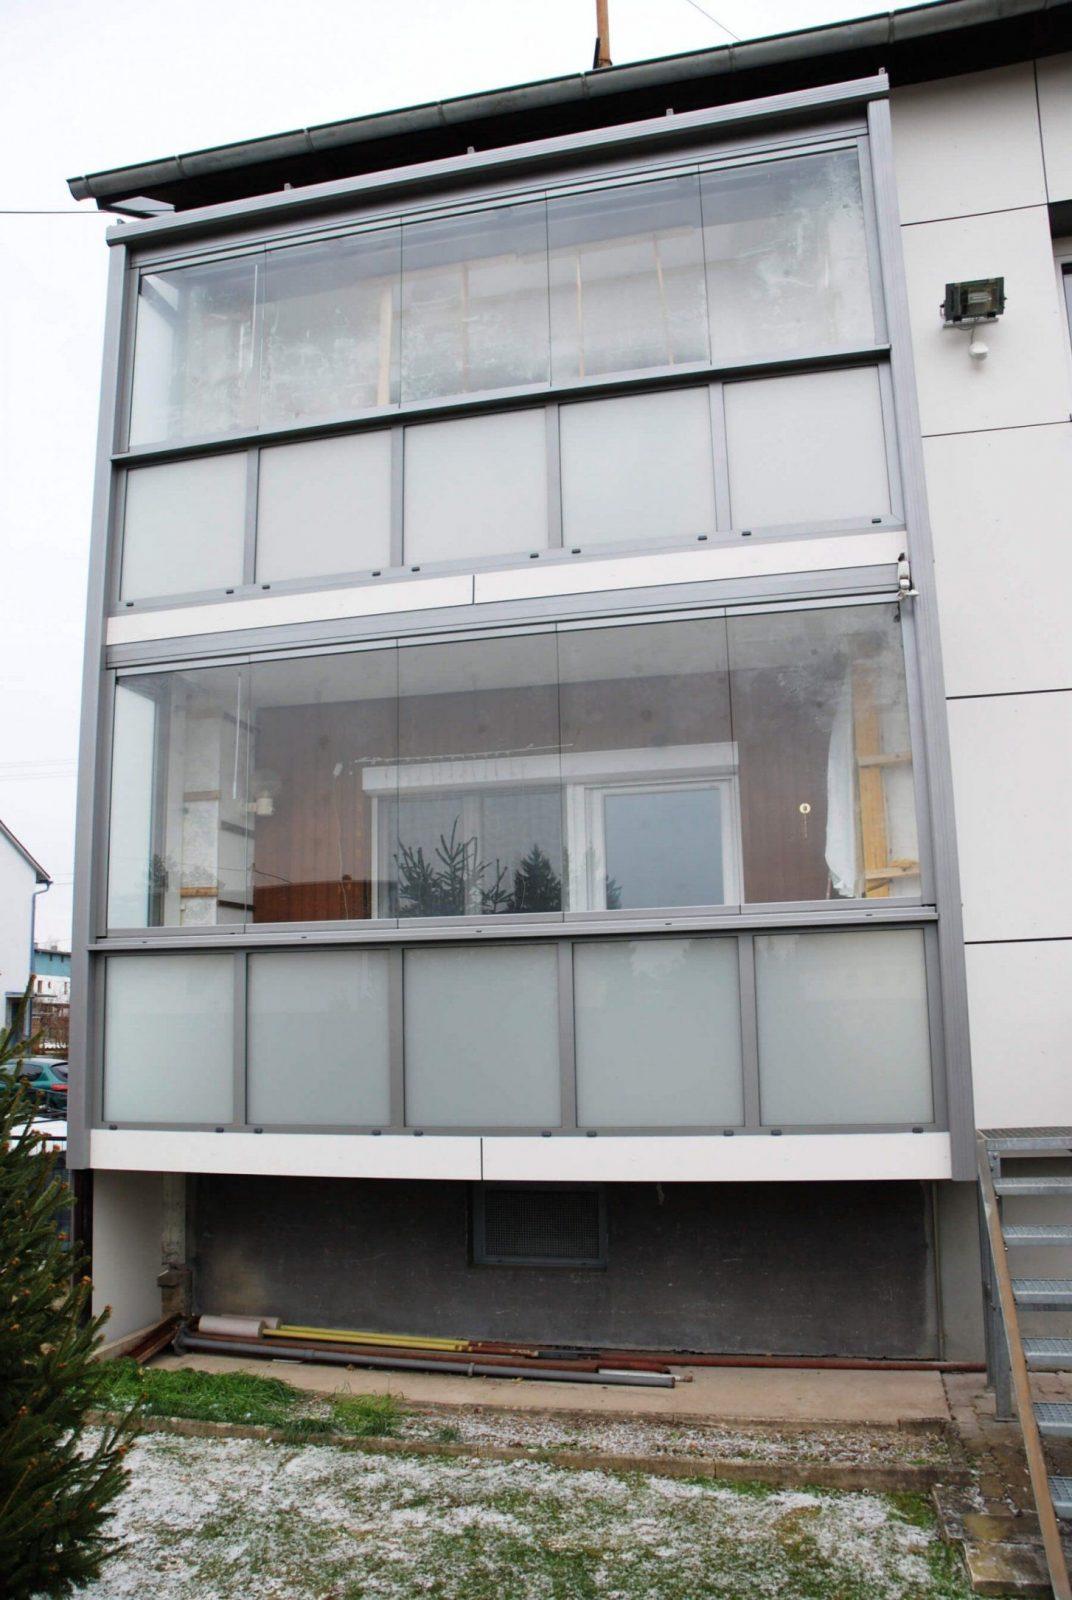 Inspiration Windschutz Balkon Ohne Bohren Konzept  Gartendesignideen von Windschutz Für Balkon Ohne Bohren Bild